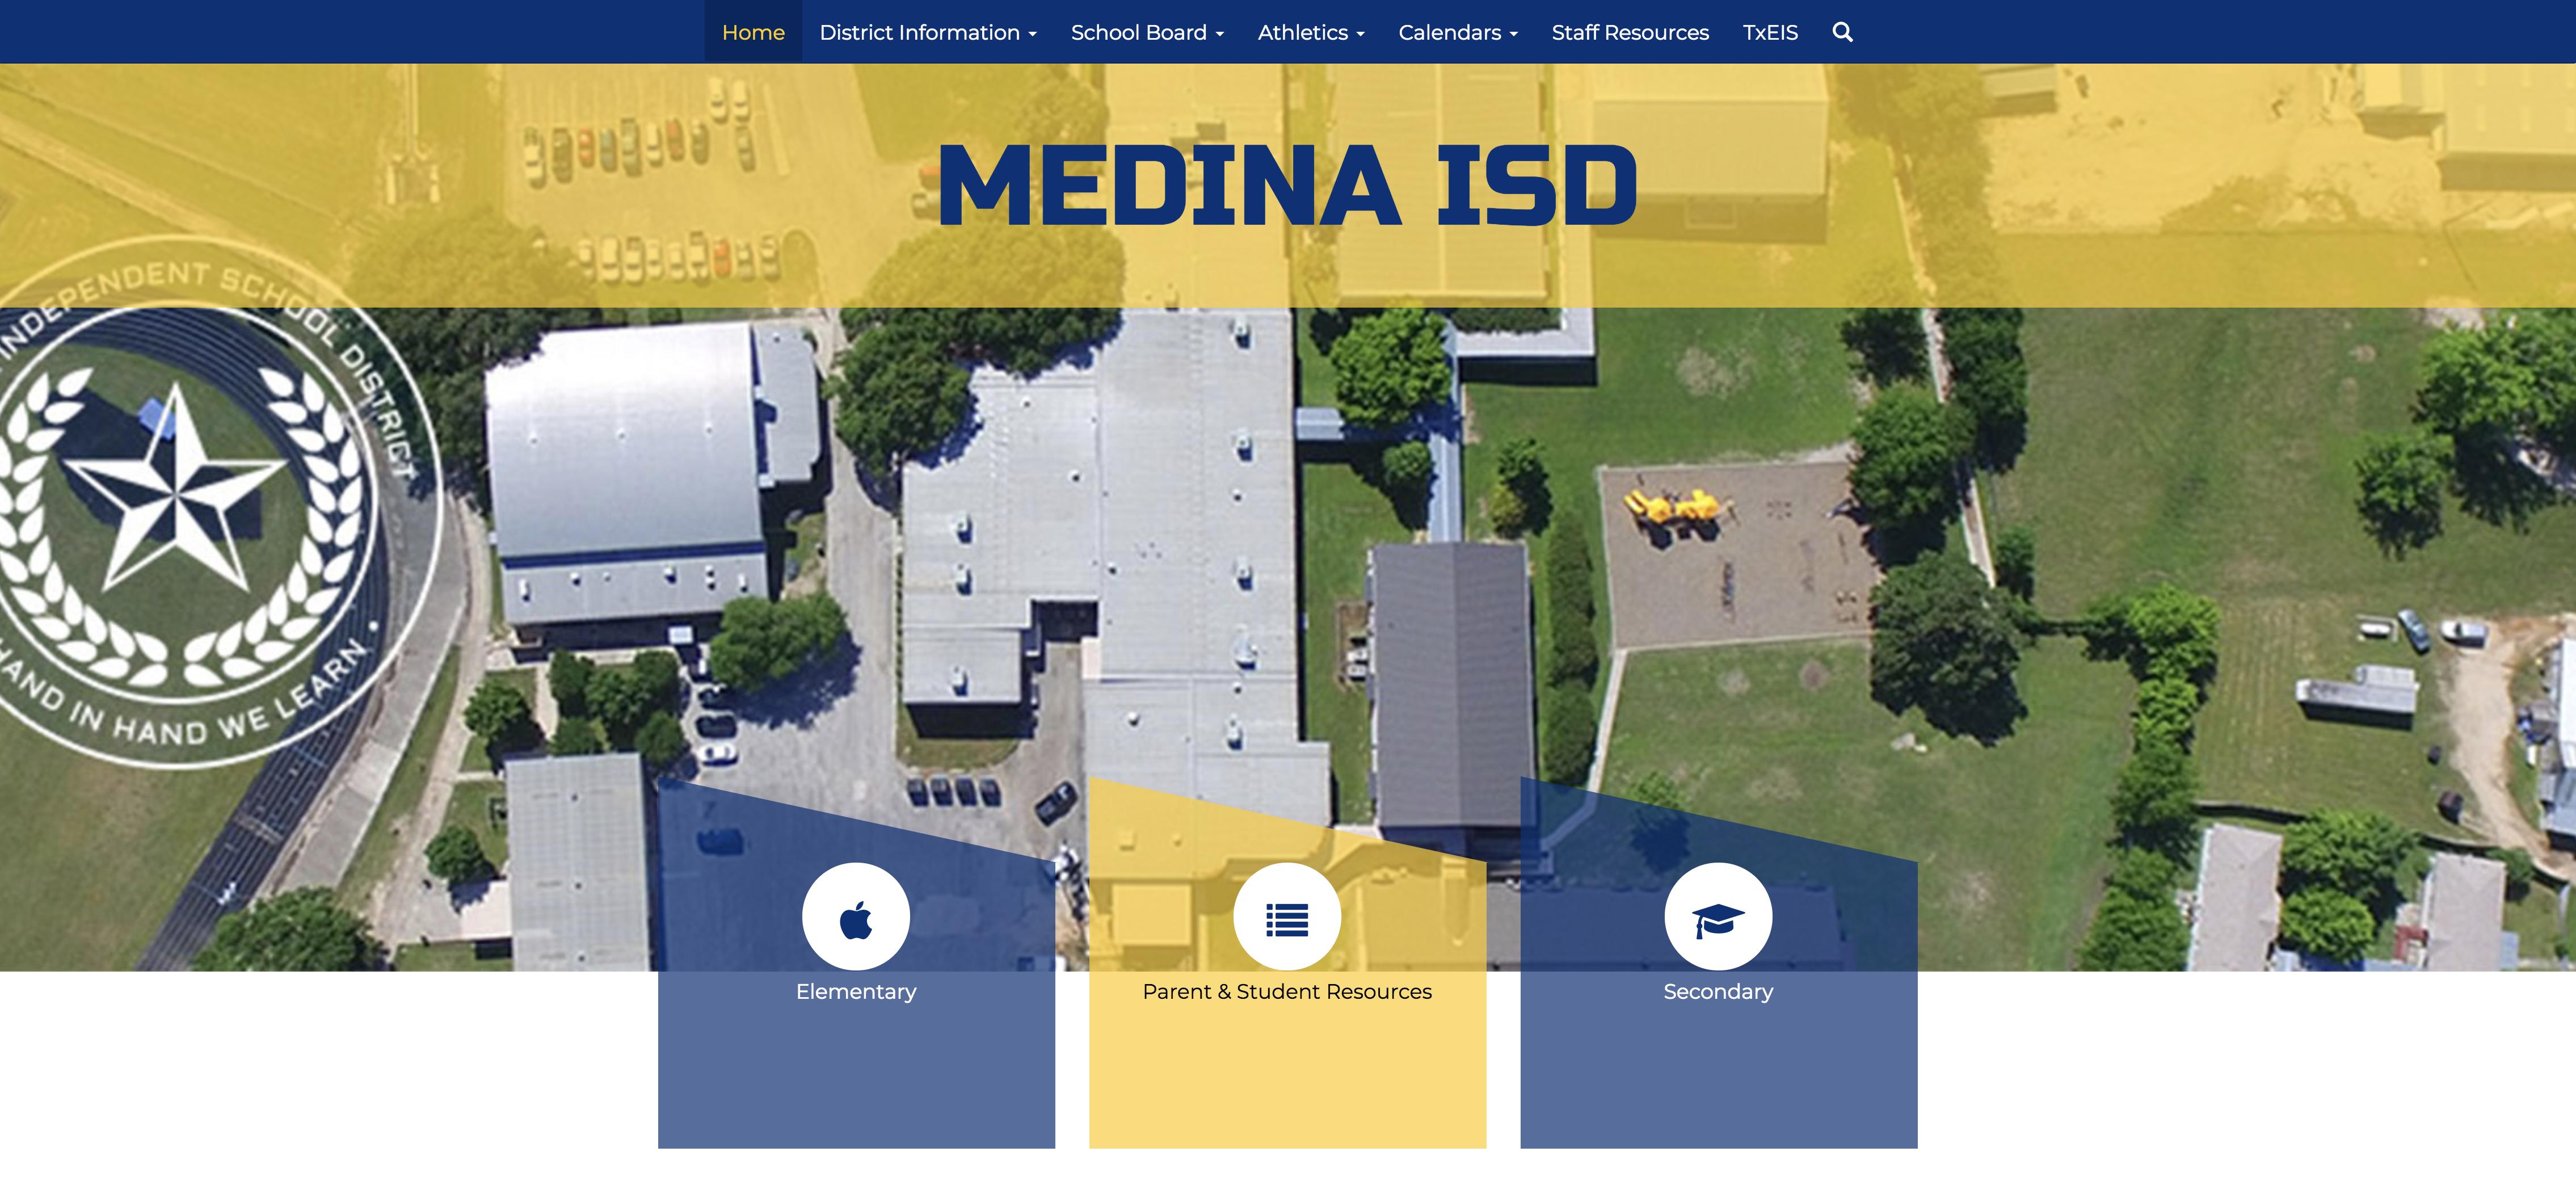 Medina ISD